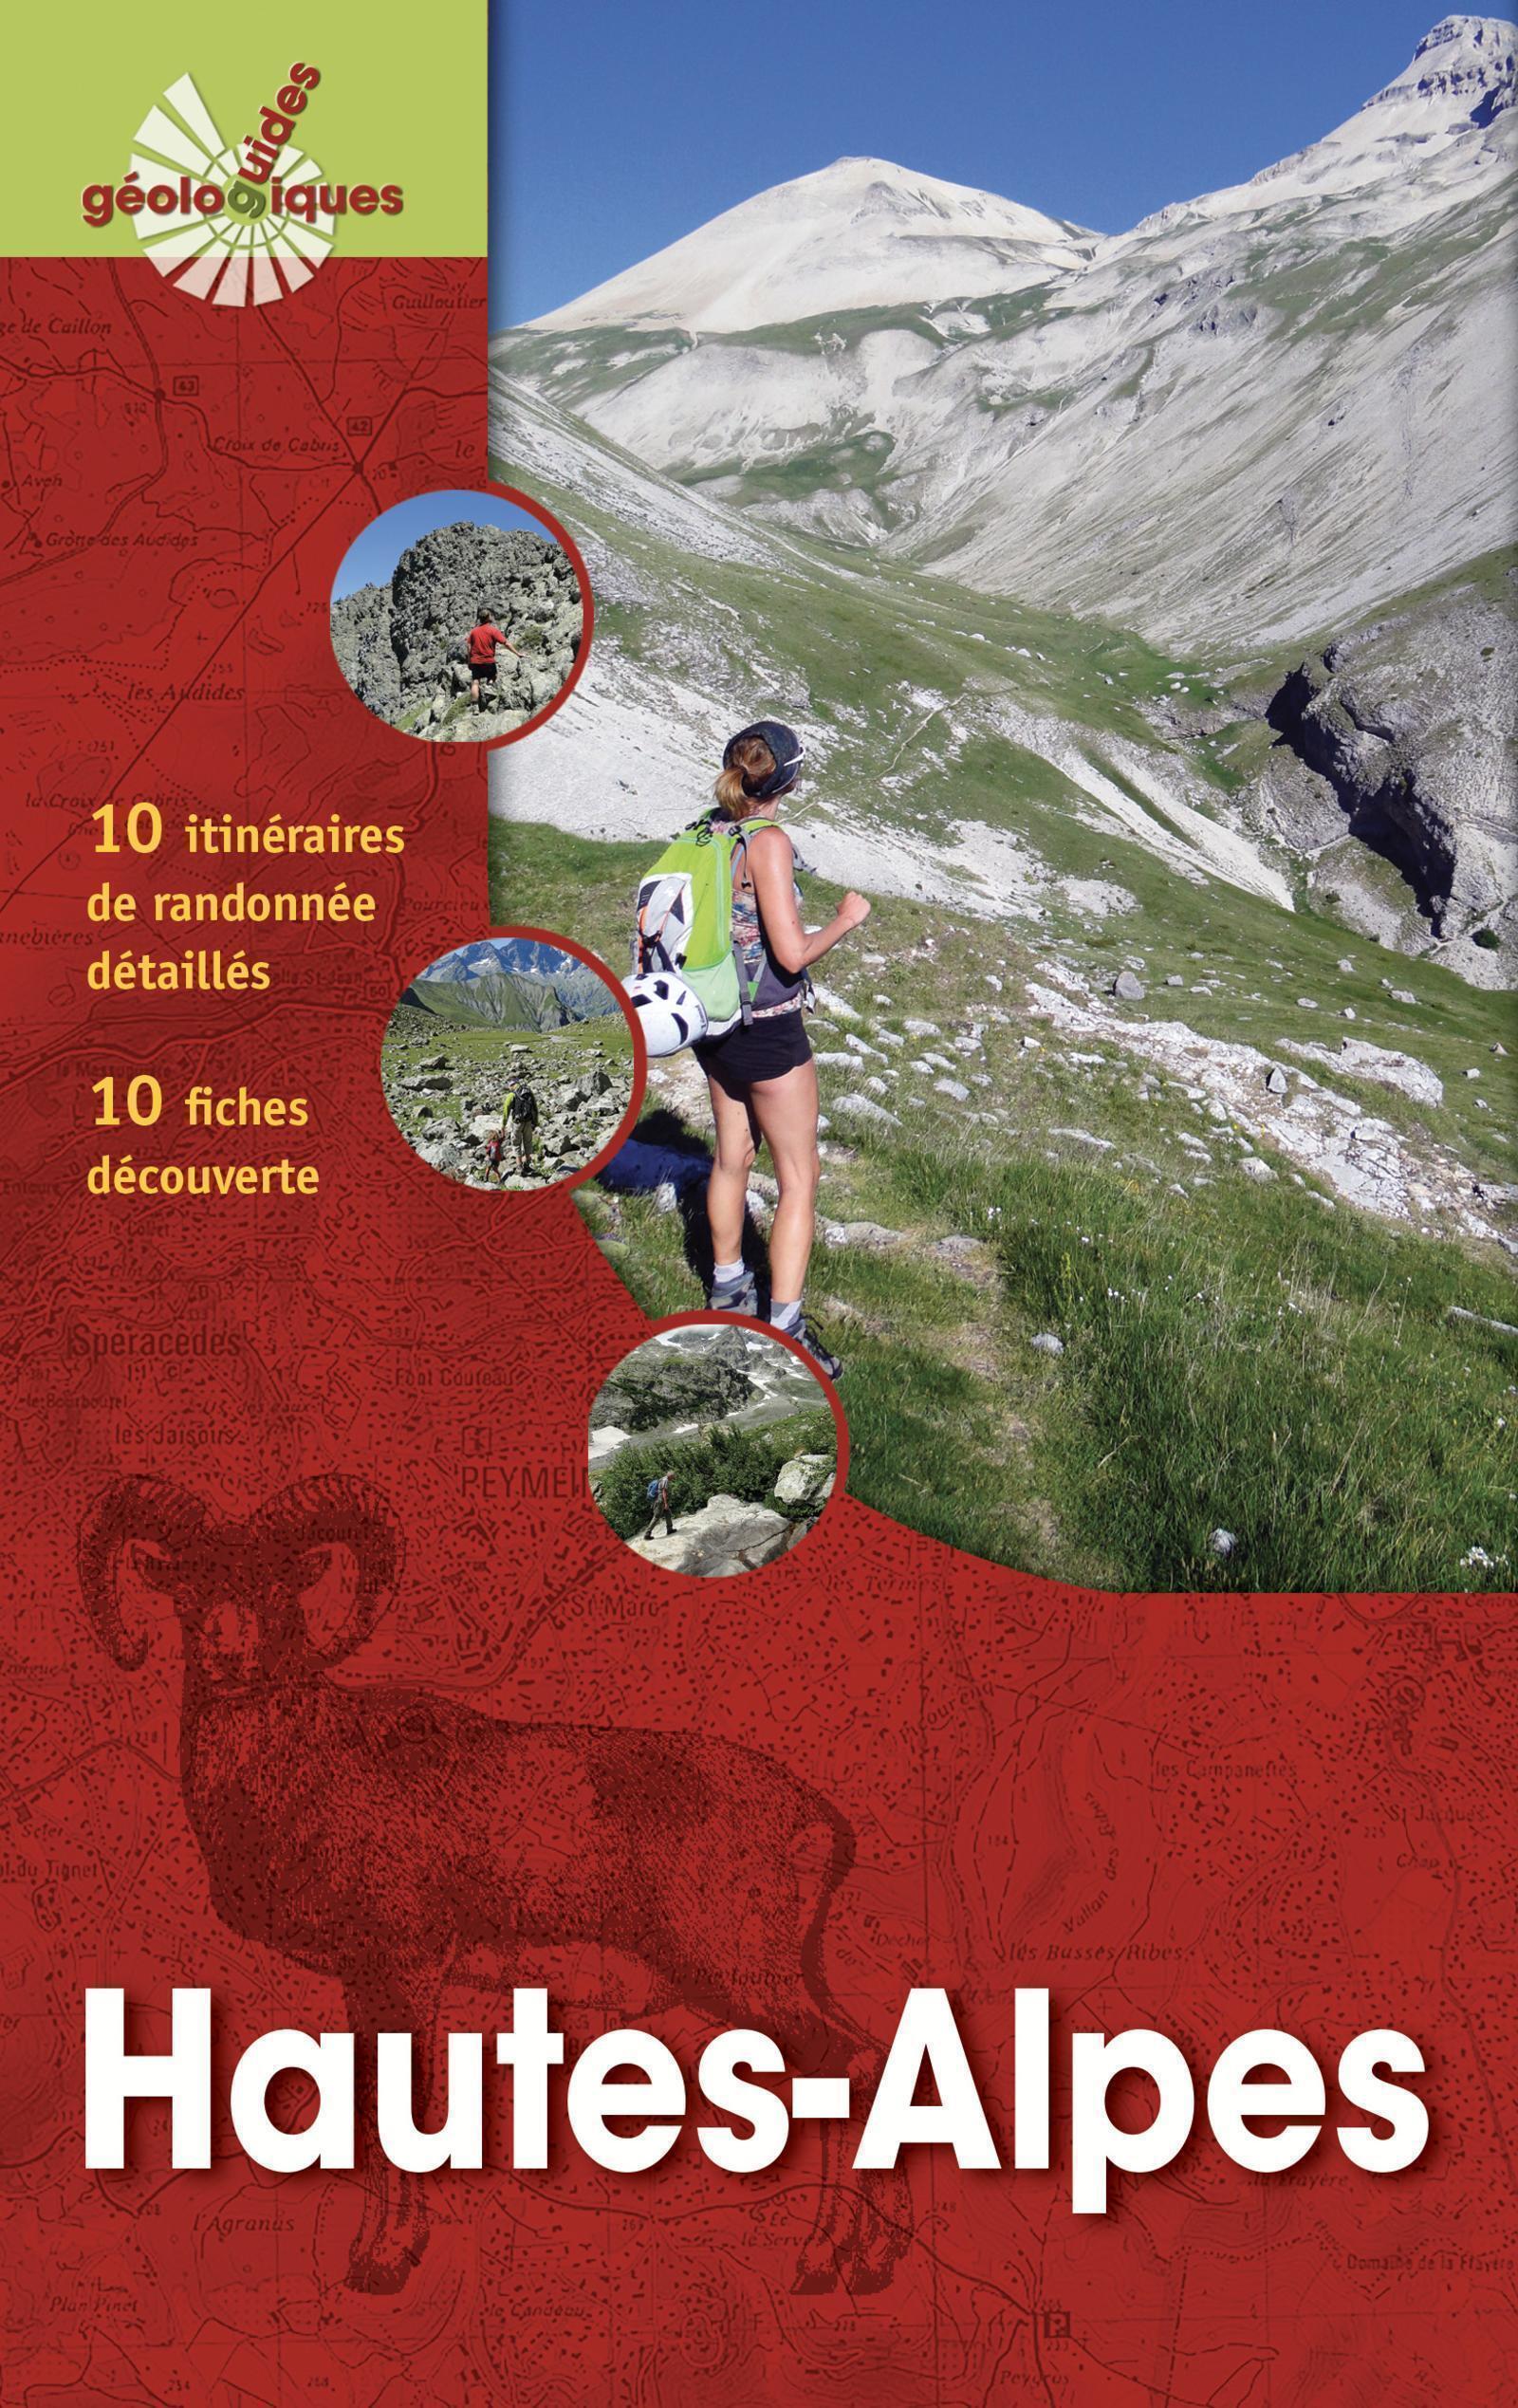 HAUTES-ALPES - PARC NATIONAL DES ECRINS  10 ITINERAIRES DE RANDONNEE DETAILLES  13 FICHES DECOU